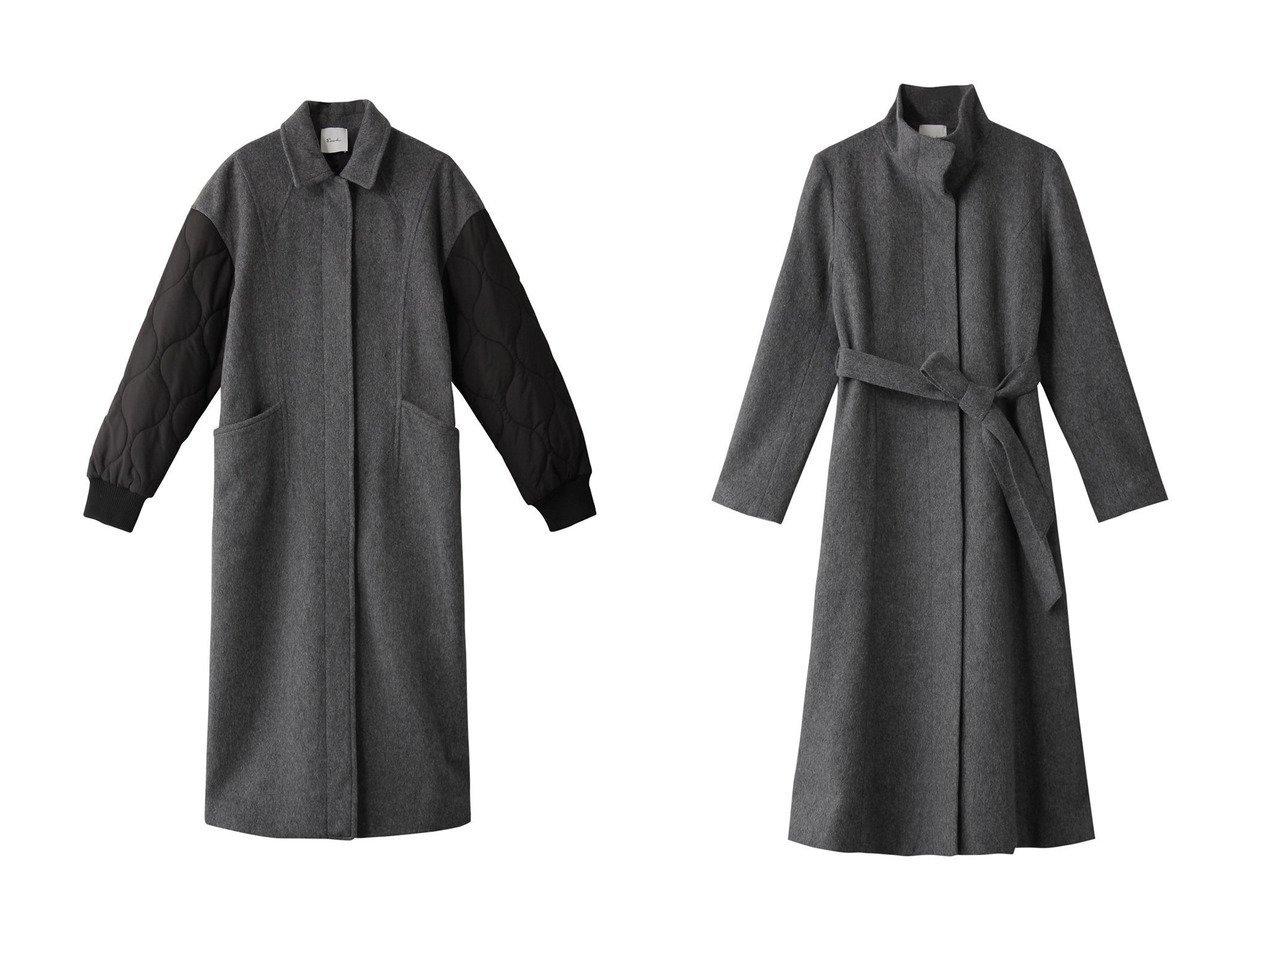 【Ezick/エジック】のスタンドカラーコート&キルティングステンコート アウターのおすすめ!人気、レディースファッションの通販 おすすめで人気のファッション通販商品 インテリア・家具・キッズファッション・メンズファッション・レディースファッション・服の通販 founy(ファニー) https://founy.com/ ファッション Fashion レディース WOMEN アウター Coat Outerwear コート Coats キルティング ロング 軽量 クラシカル クール シェイプ シンプル スタンド ベスト 羽織 |ID:crp329100000001234